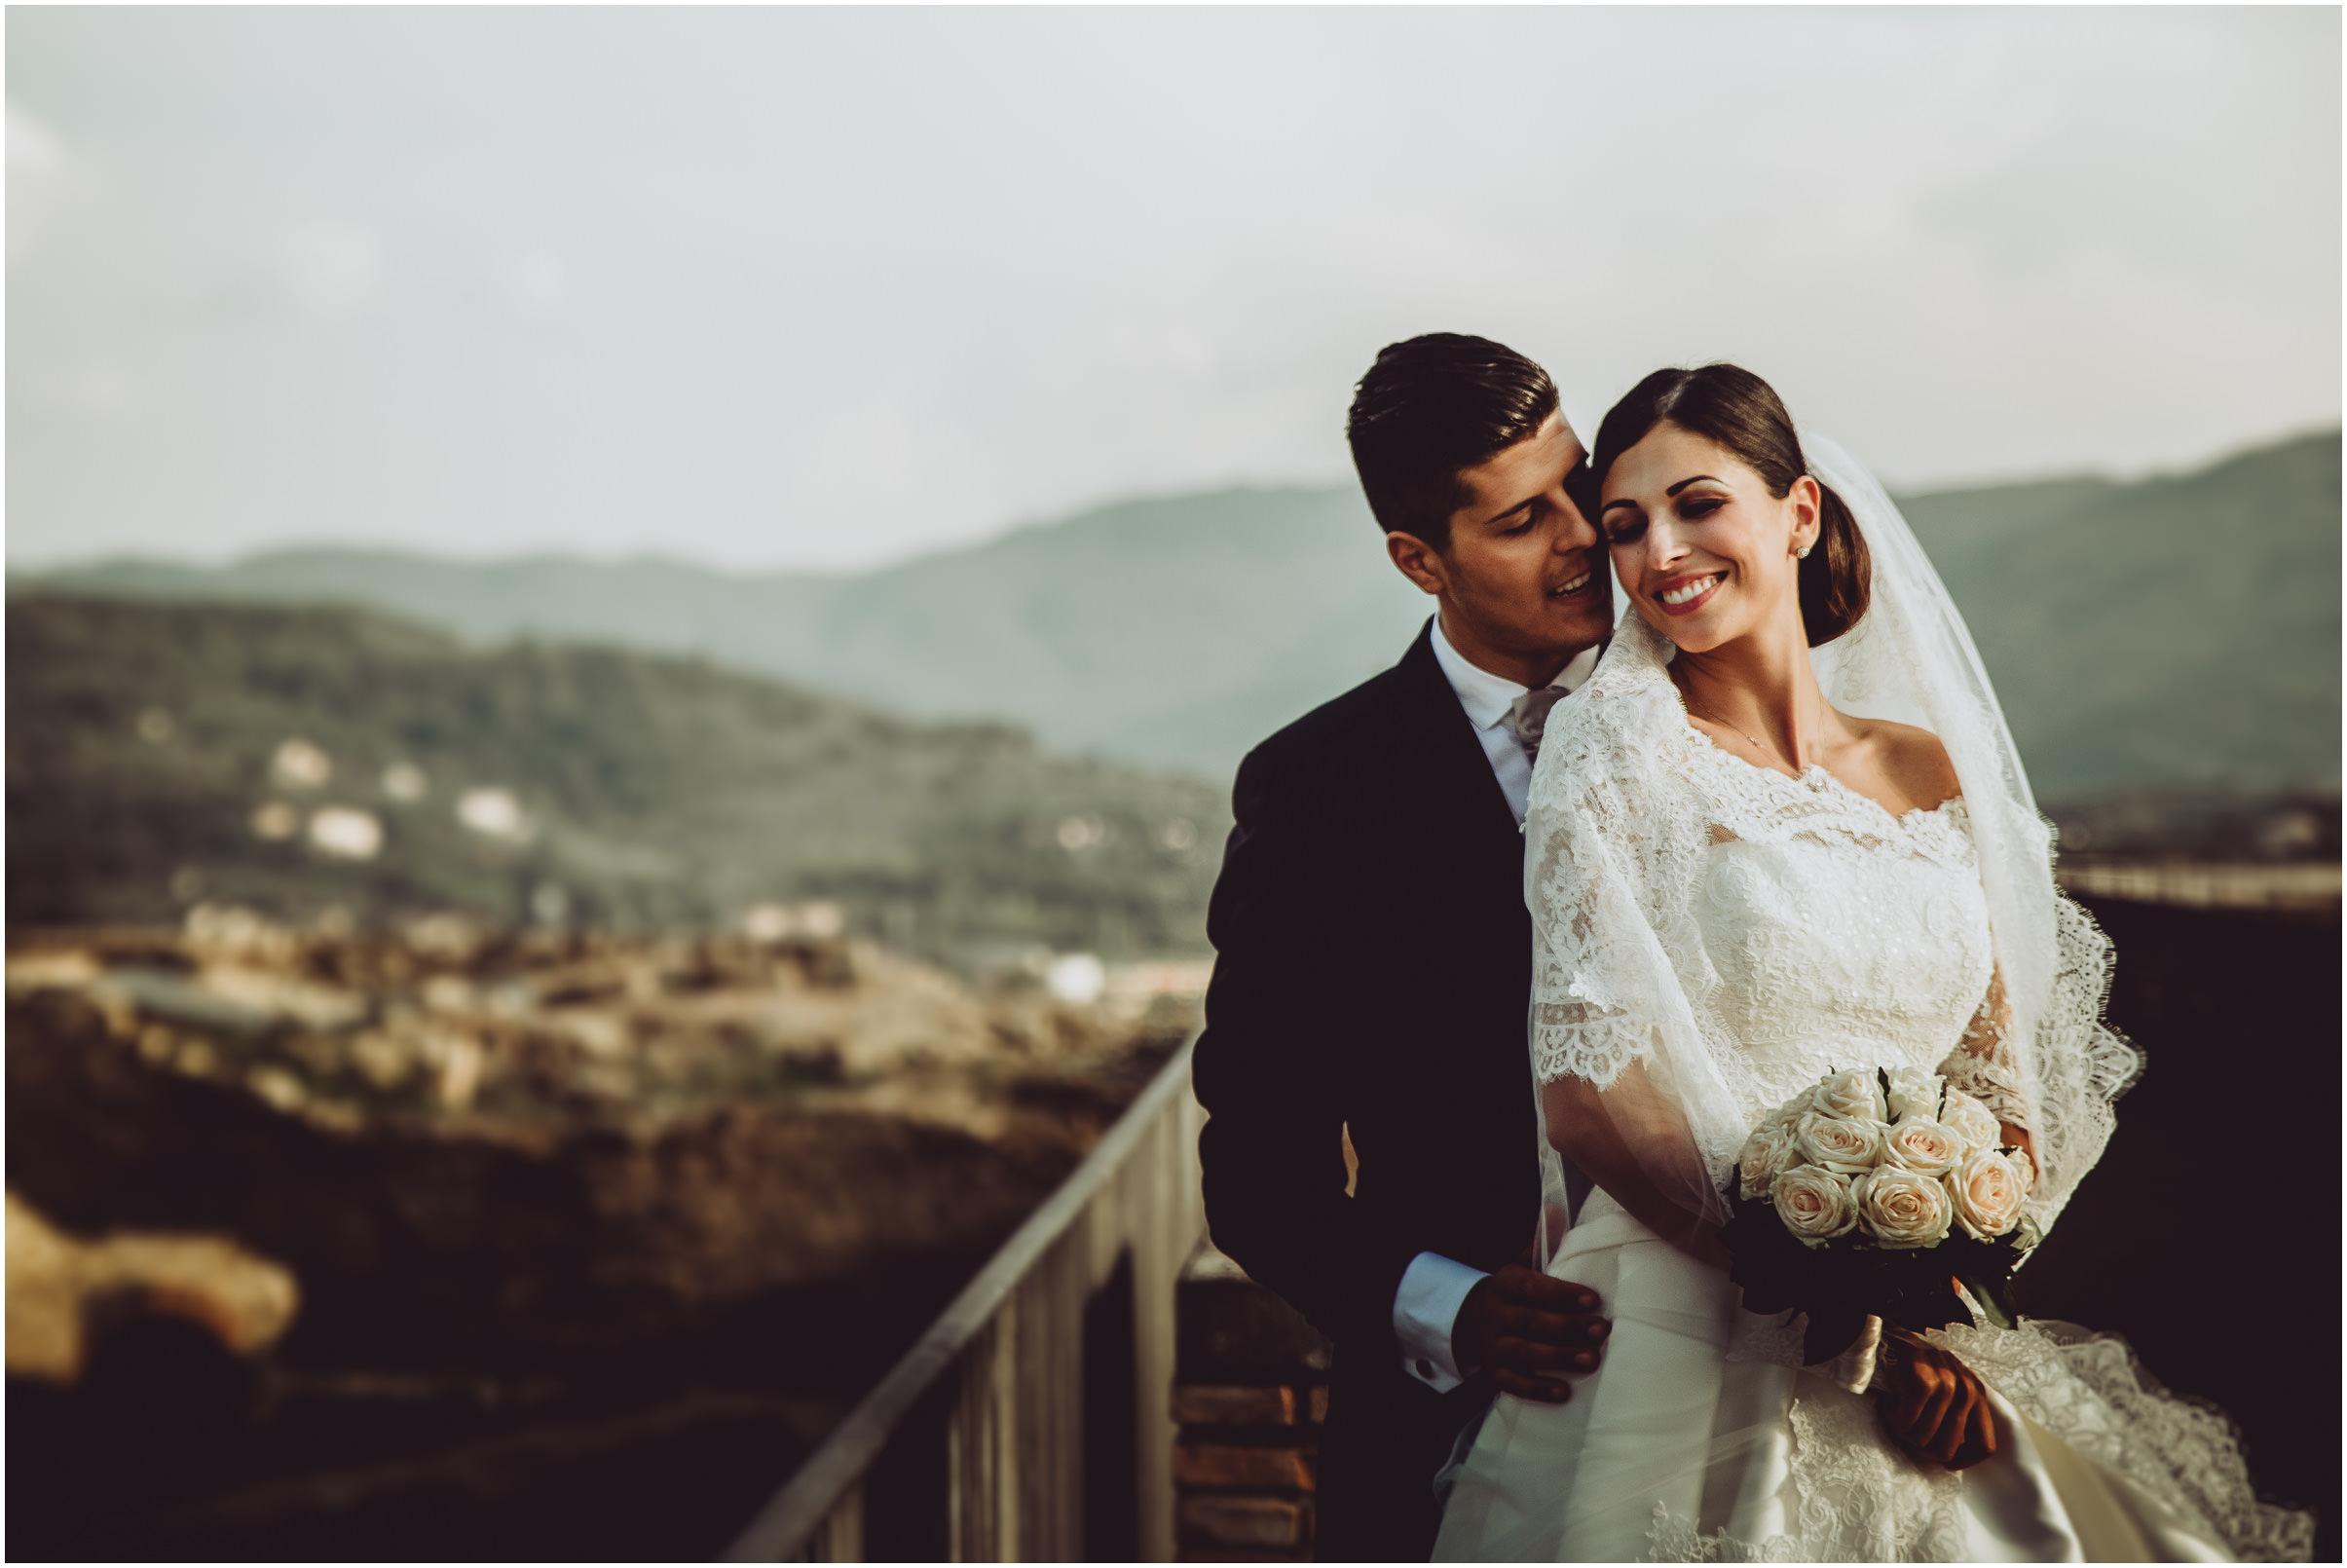 WEDDING-PHOTOGRAPHY-SARA-LORENZONI-FOTOGRAFIA-MATRIMONIO-AREZZO-TUSCANY-EVENTO-LE-SPOSE-DI-GIANNI-ELISA-LUCA041